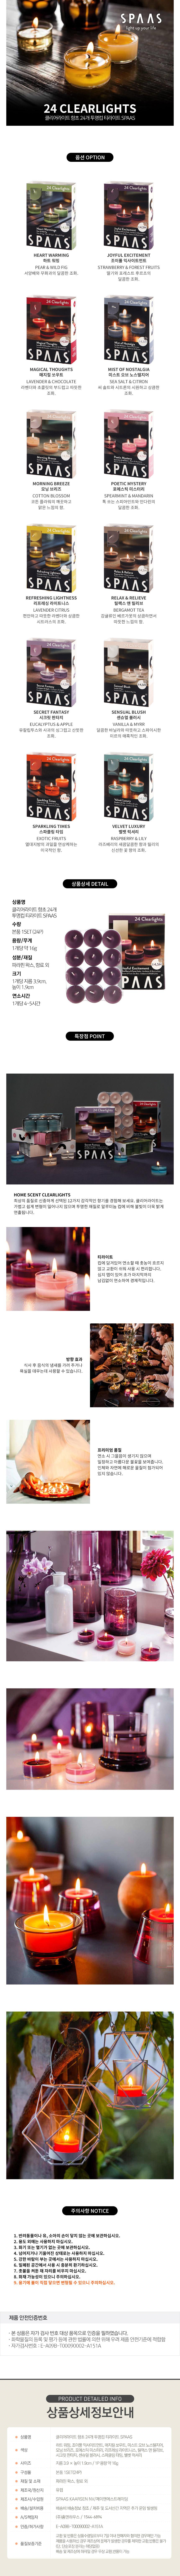 클리어라이트 향초 24개 투명컵 티라이트 SPAAS - 홈앤하우스, 14,900원, 캔들, 브랜드 캔들